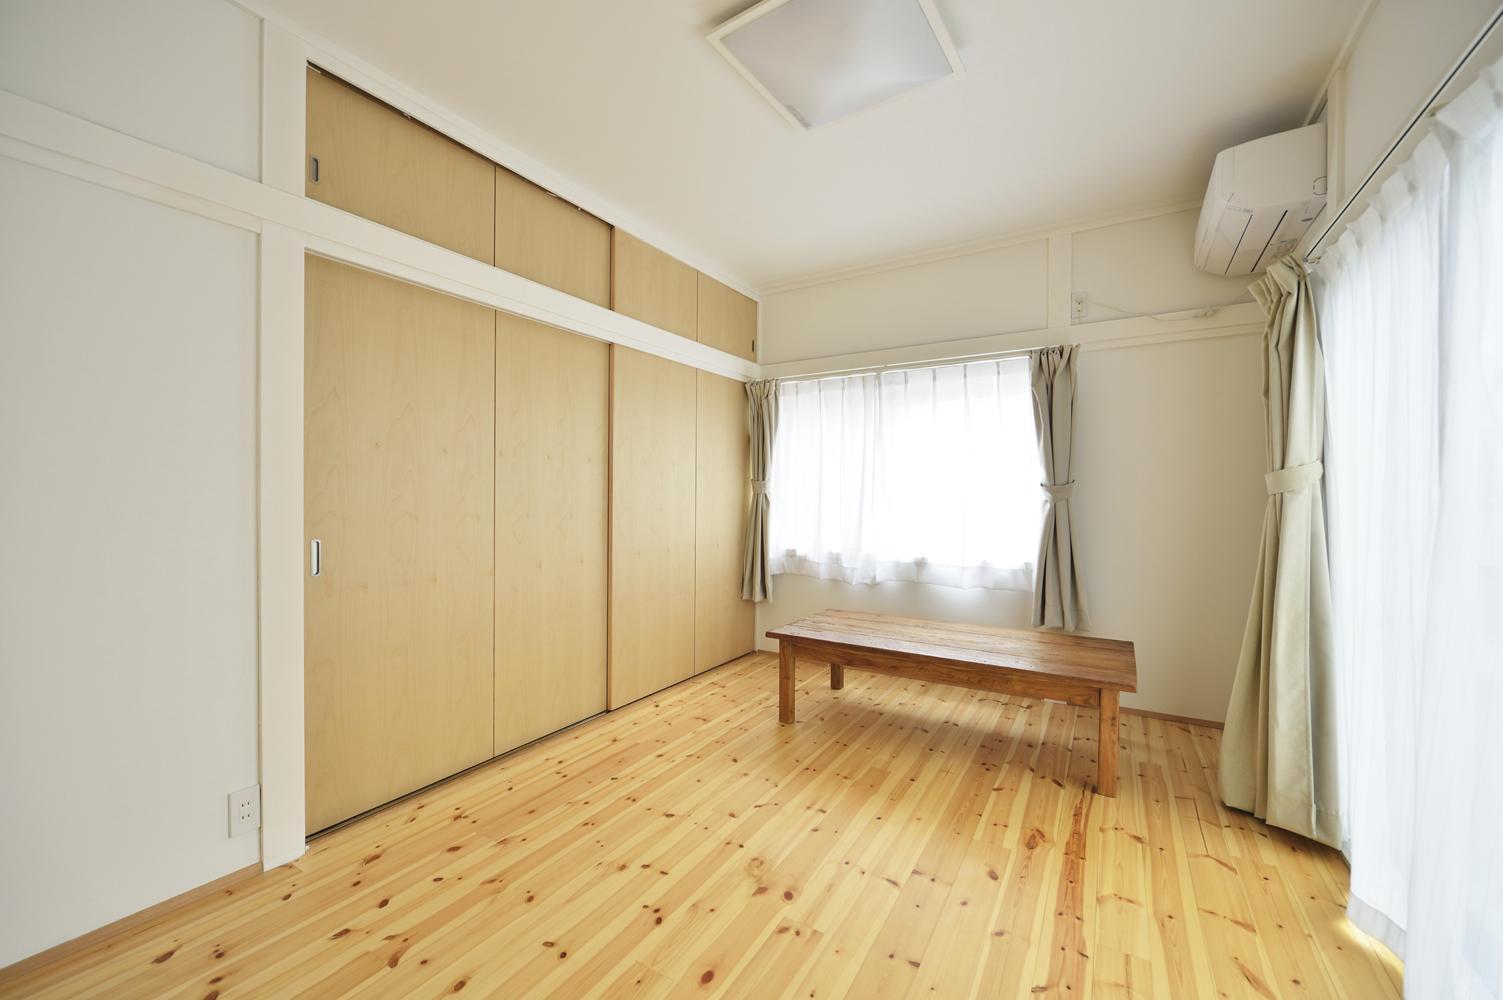 S邸・「解放感!」吹き抜けのある家の部屋 明るく開放的な洋室